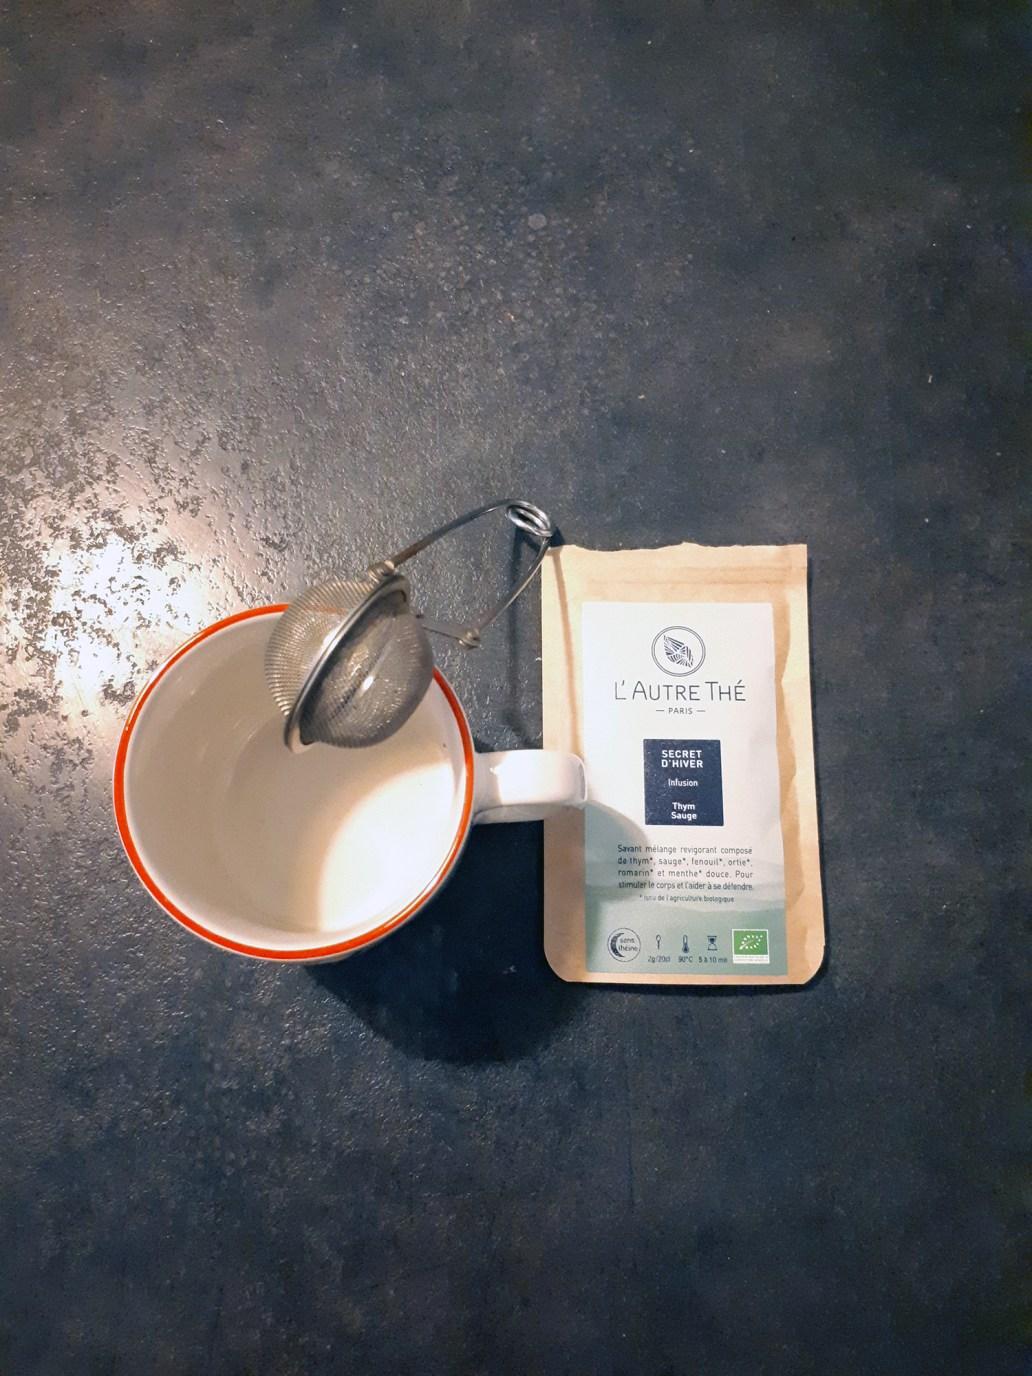 20201230 082746 - Un calendrier de l'Avent spécial thé très cosy et bienveillant